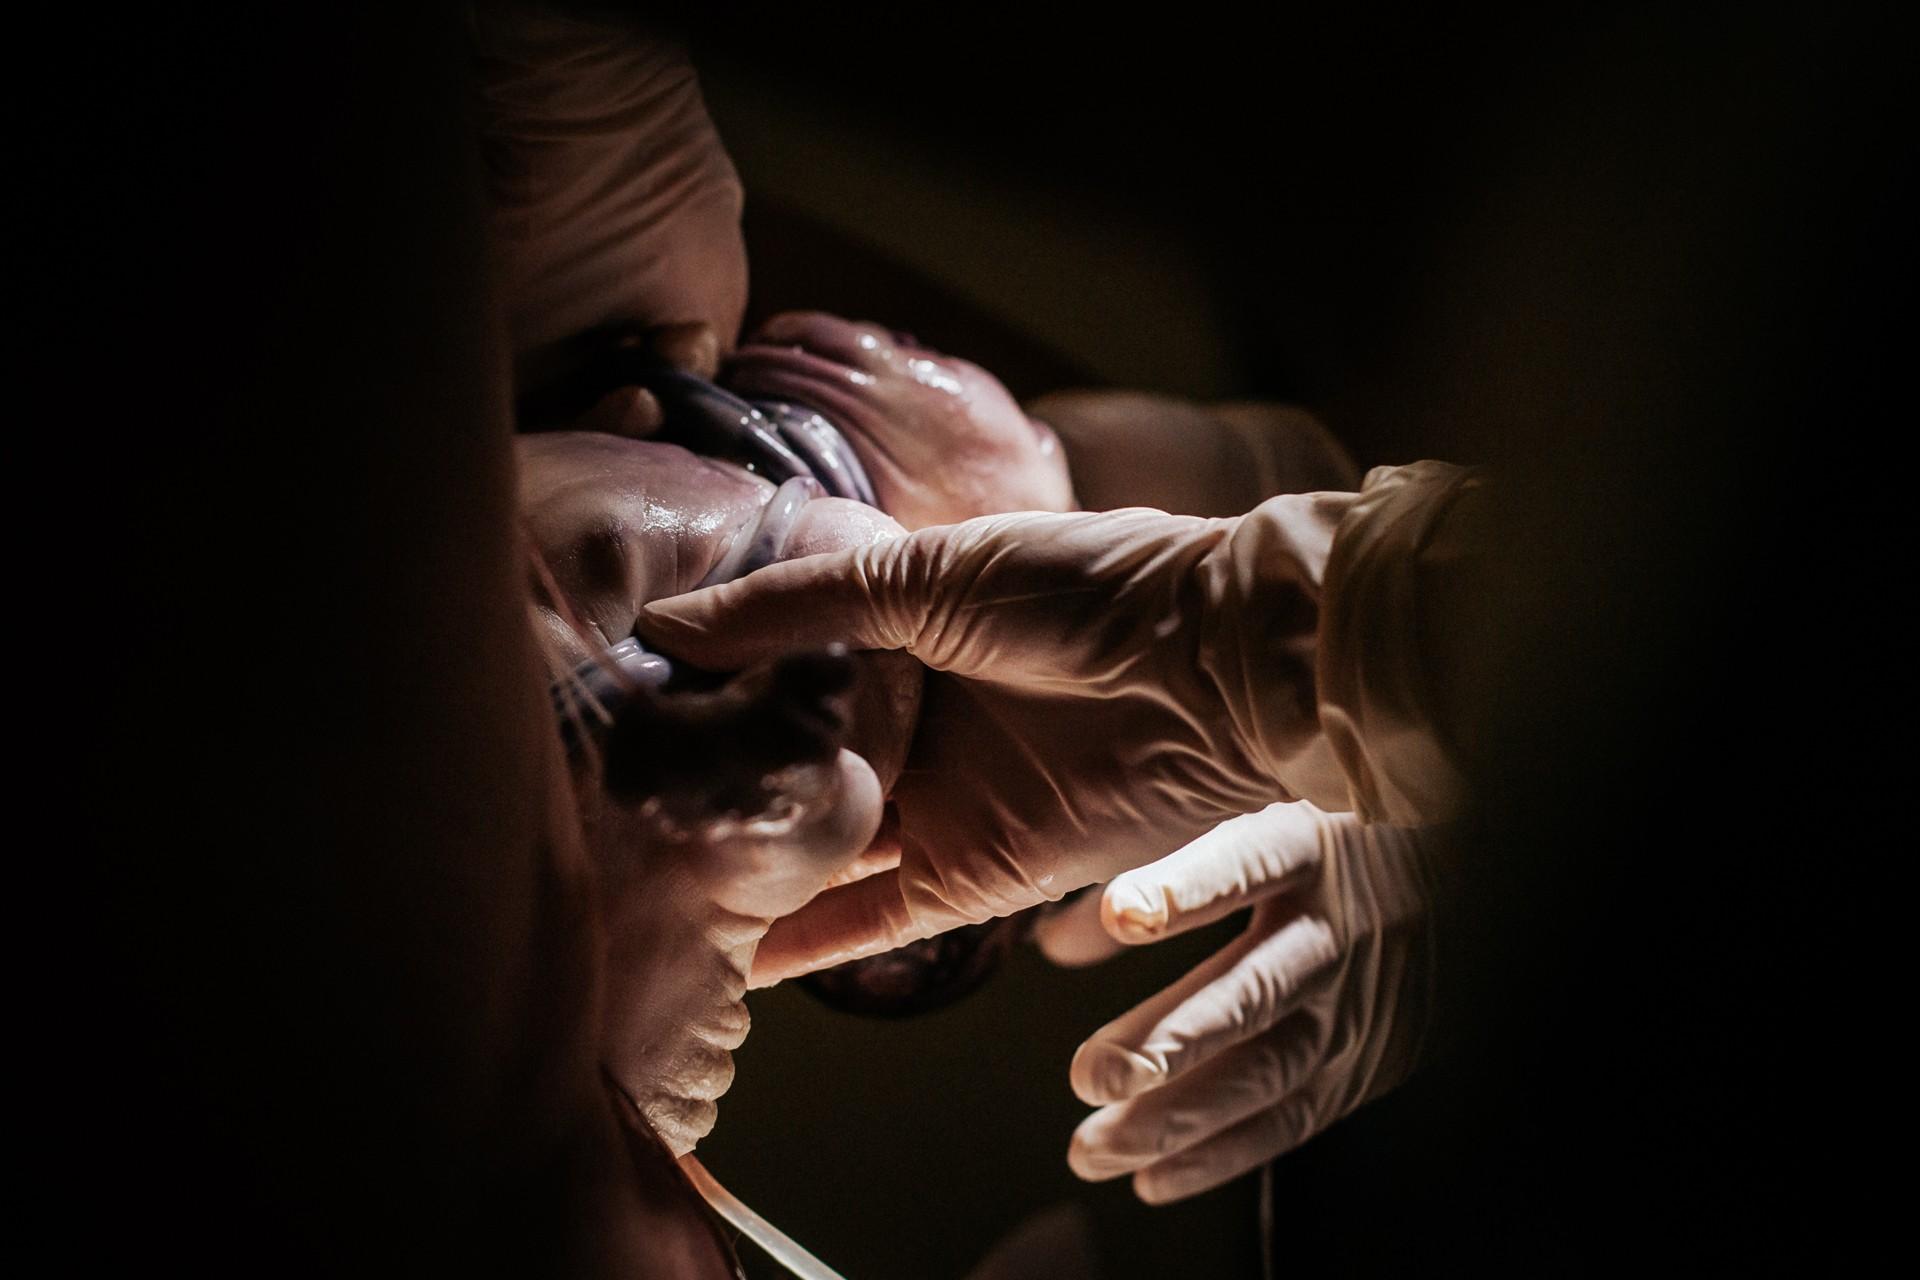 Navelstreng om de nek bij geboorte - verloskundige aan het woord - Pure Life Geboortefotografie